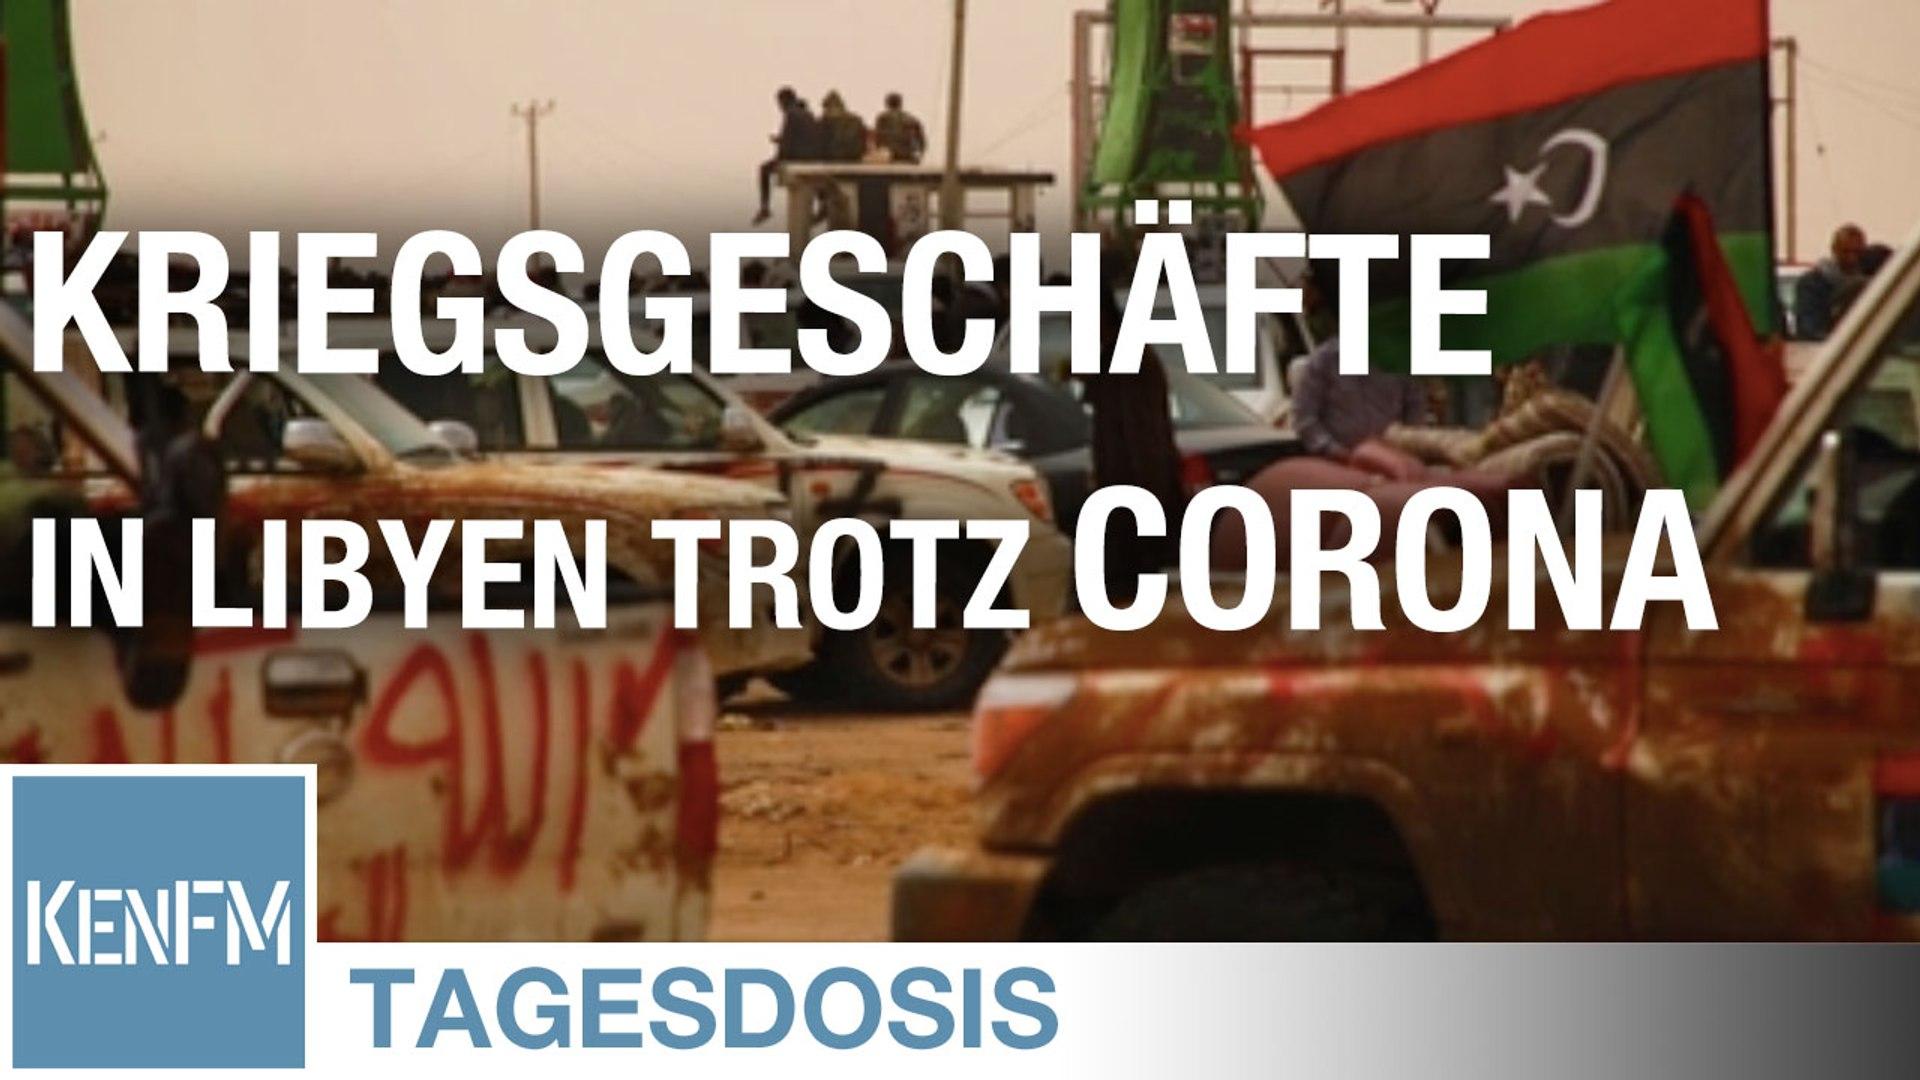 Tagesdosis 2.5.2020 - Trotz Corona-Pandemie: Das Geschäft mit dem Krieg in Libyen läuft weiter